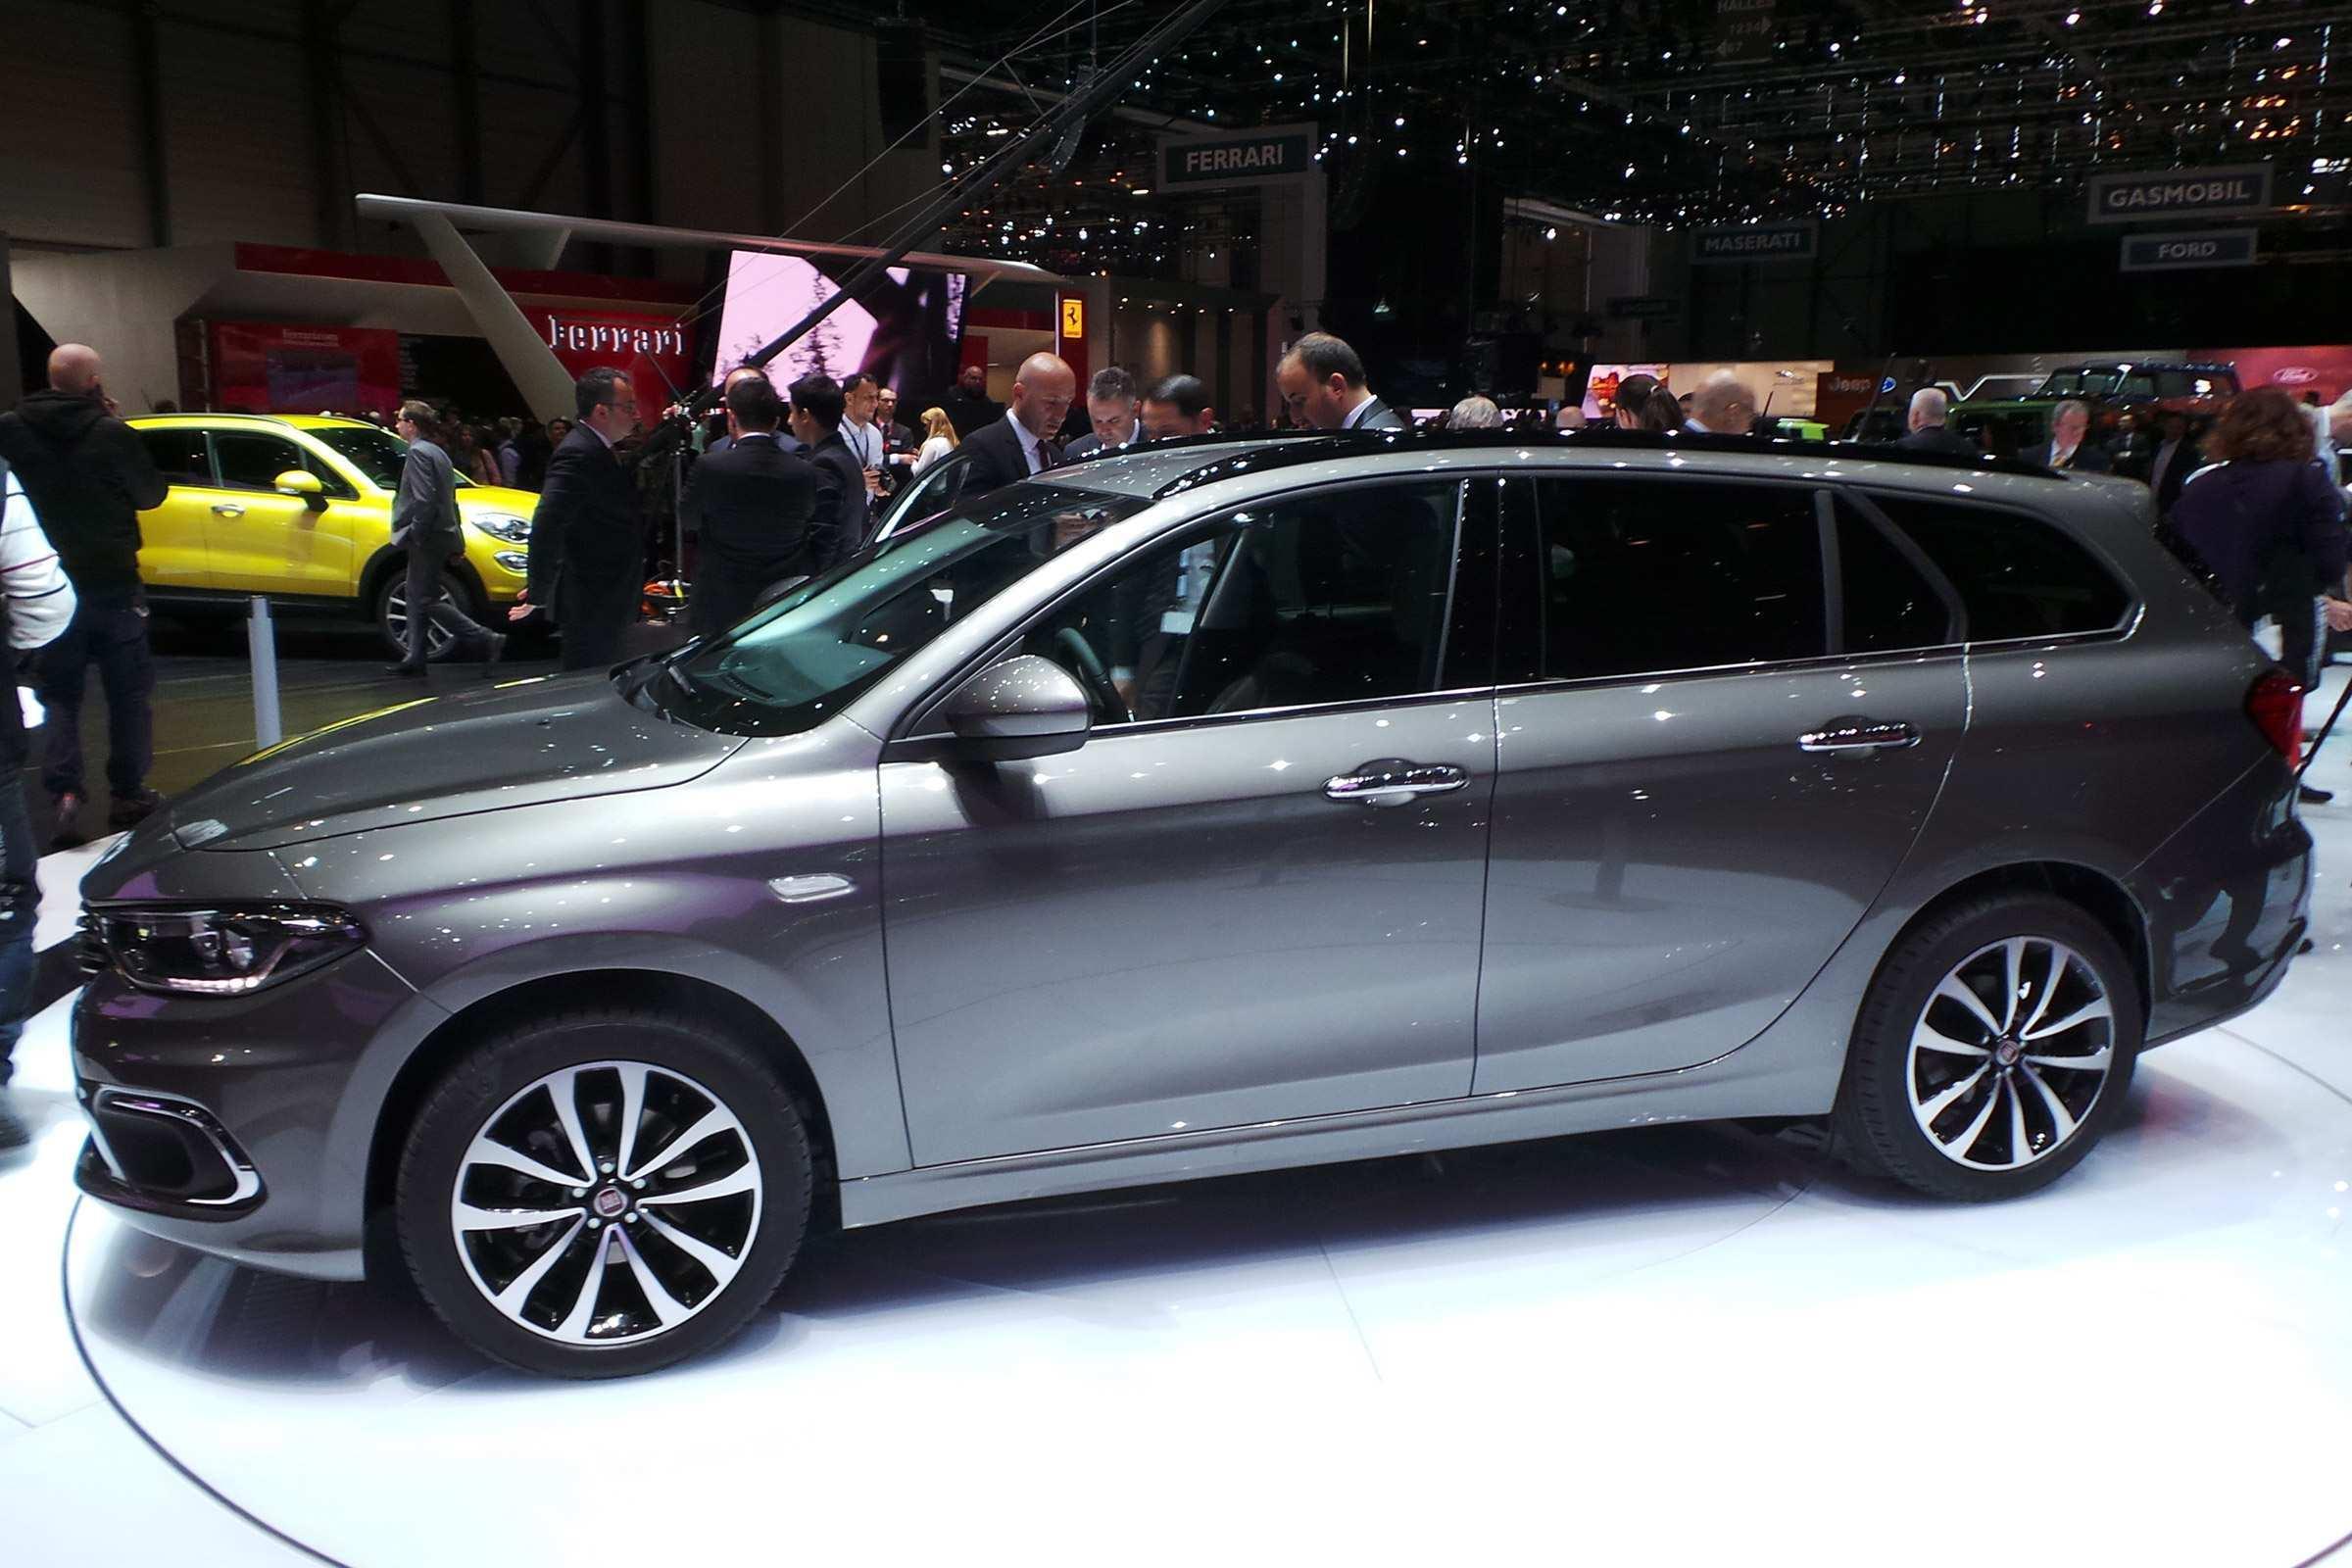 63 The Auto Fiat 2020 Release for Auto Fiat 2020